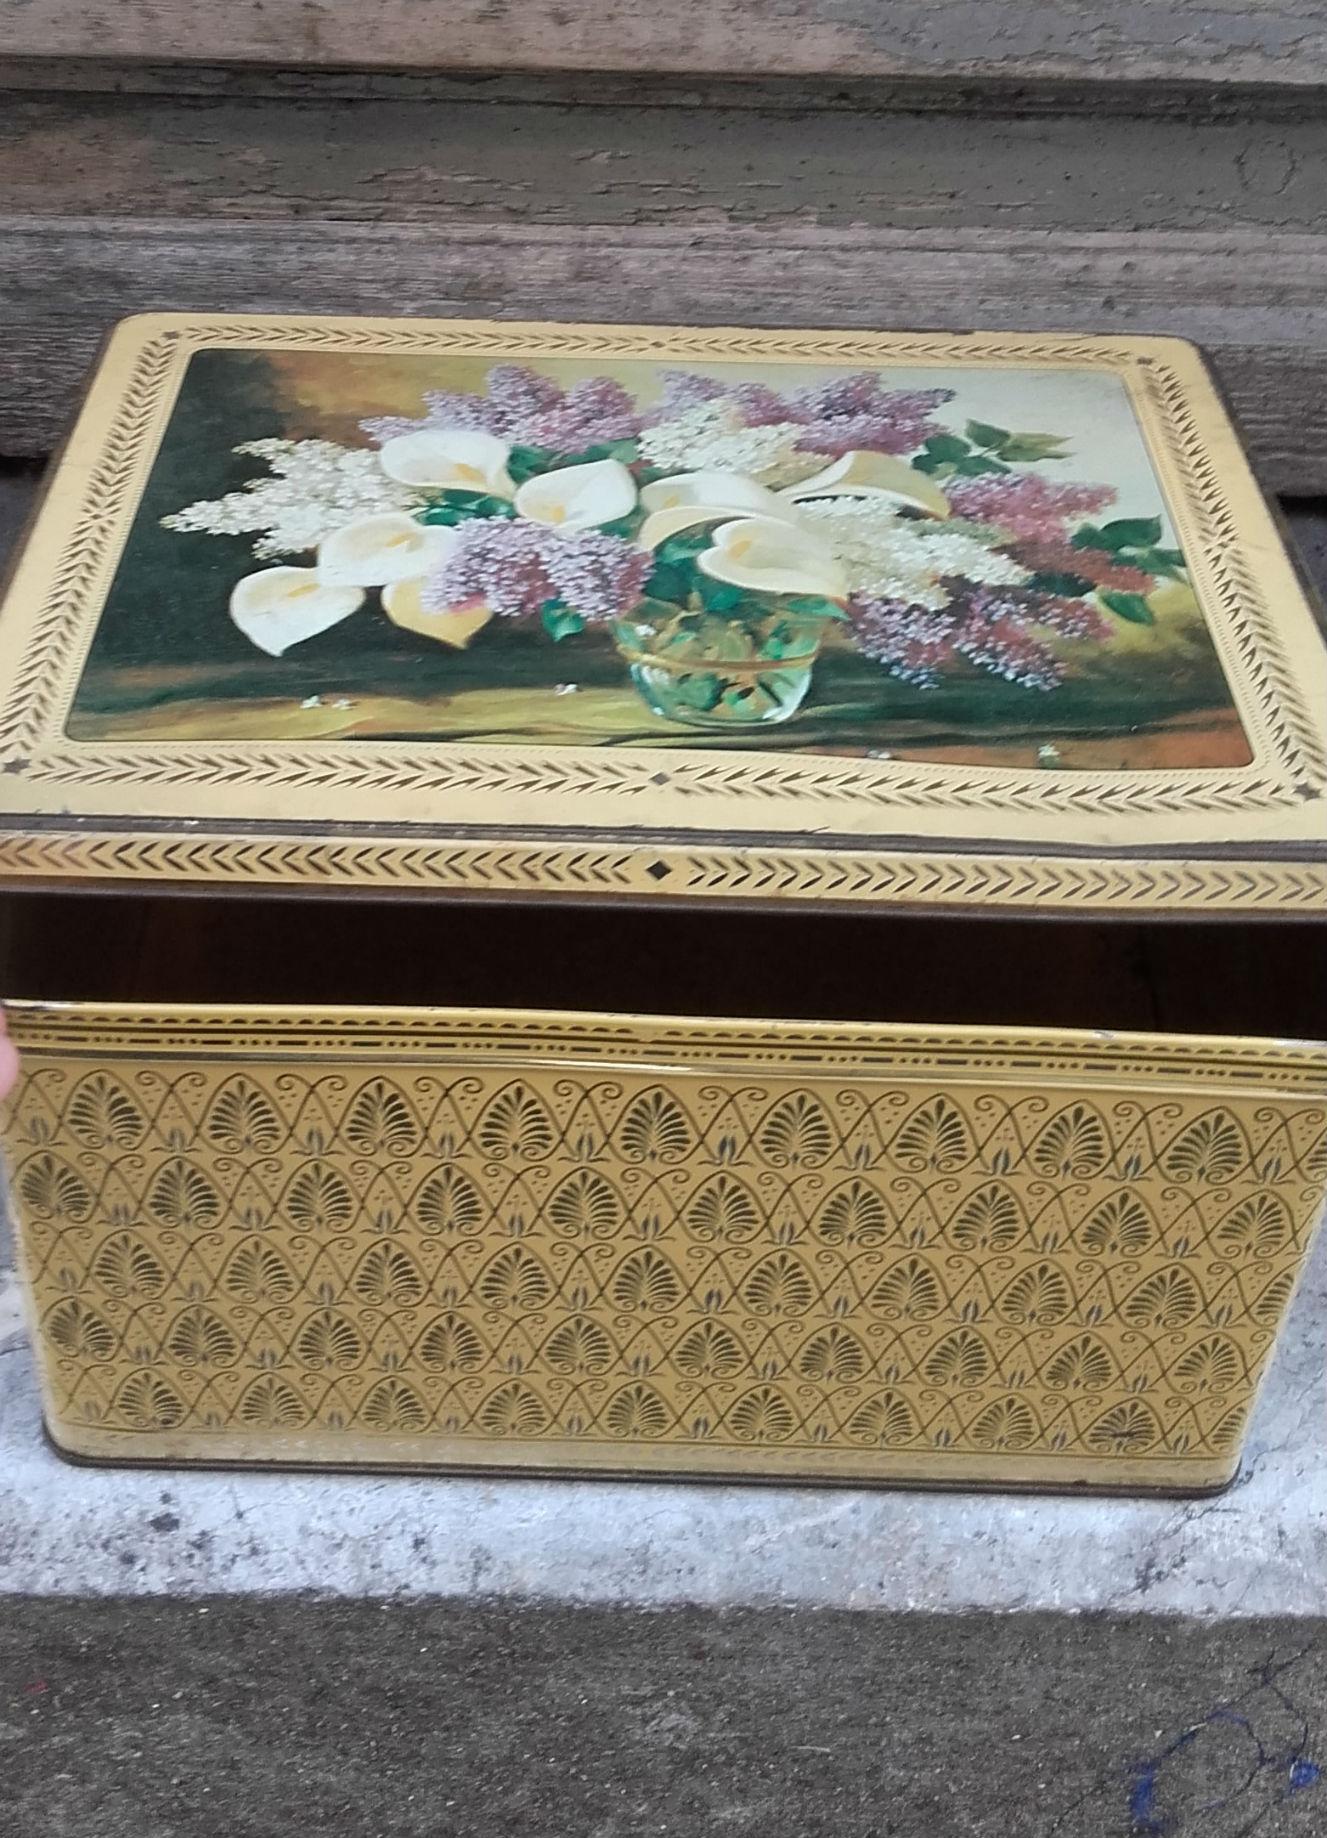 Grande boite boh me d cor fleurs quiche lorraine vintage for Decoration quiche